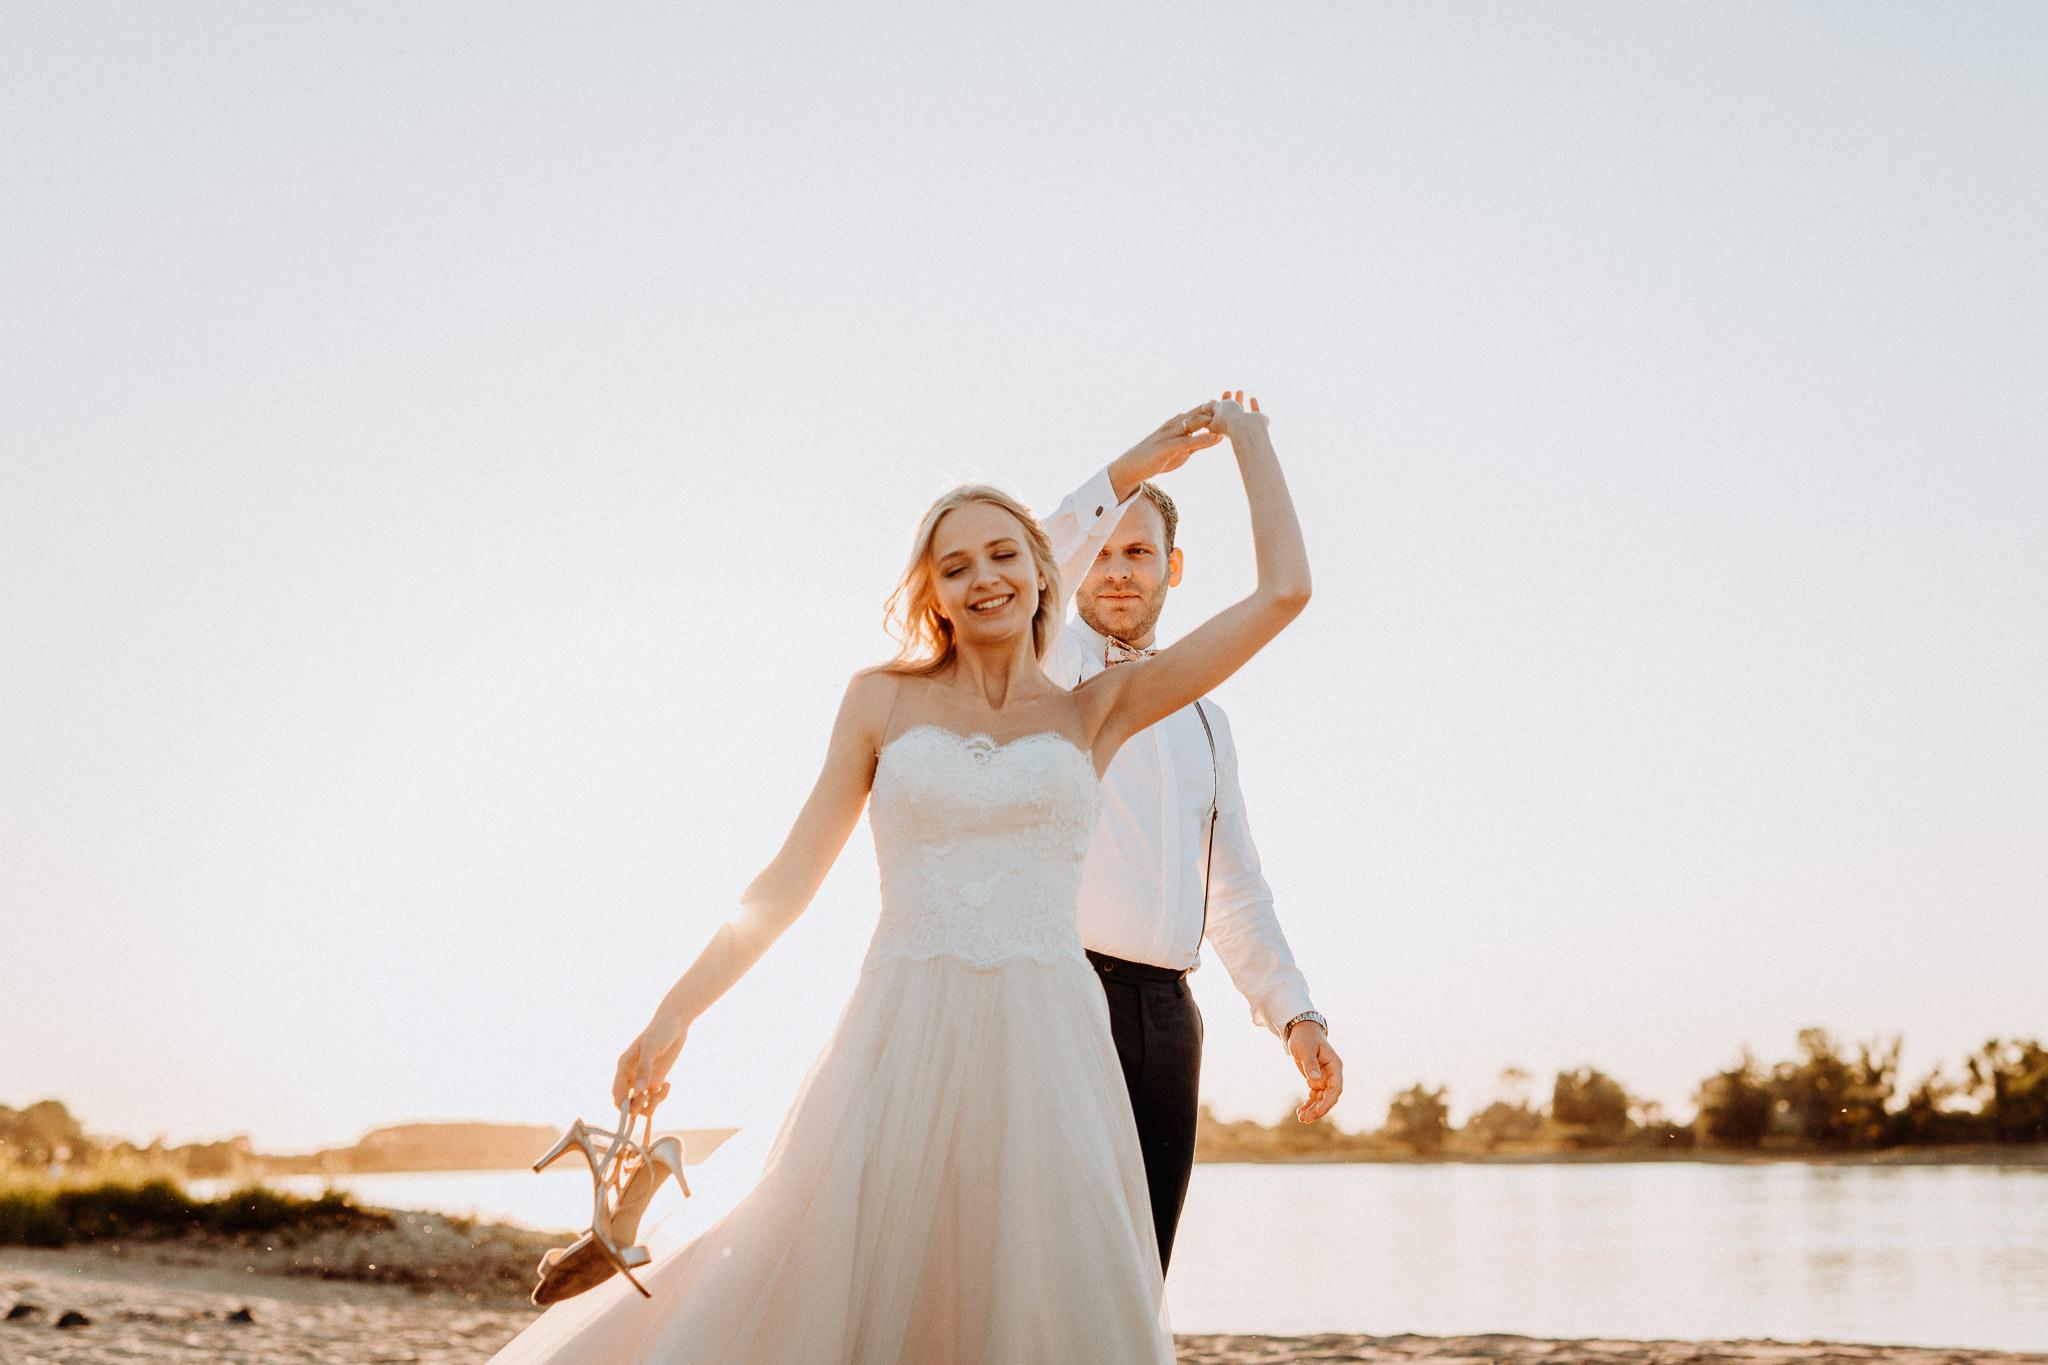 Brautkleid finden auf dem Hochzeitsflohmarkt